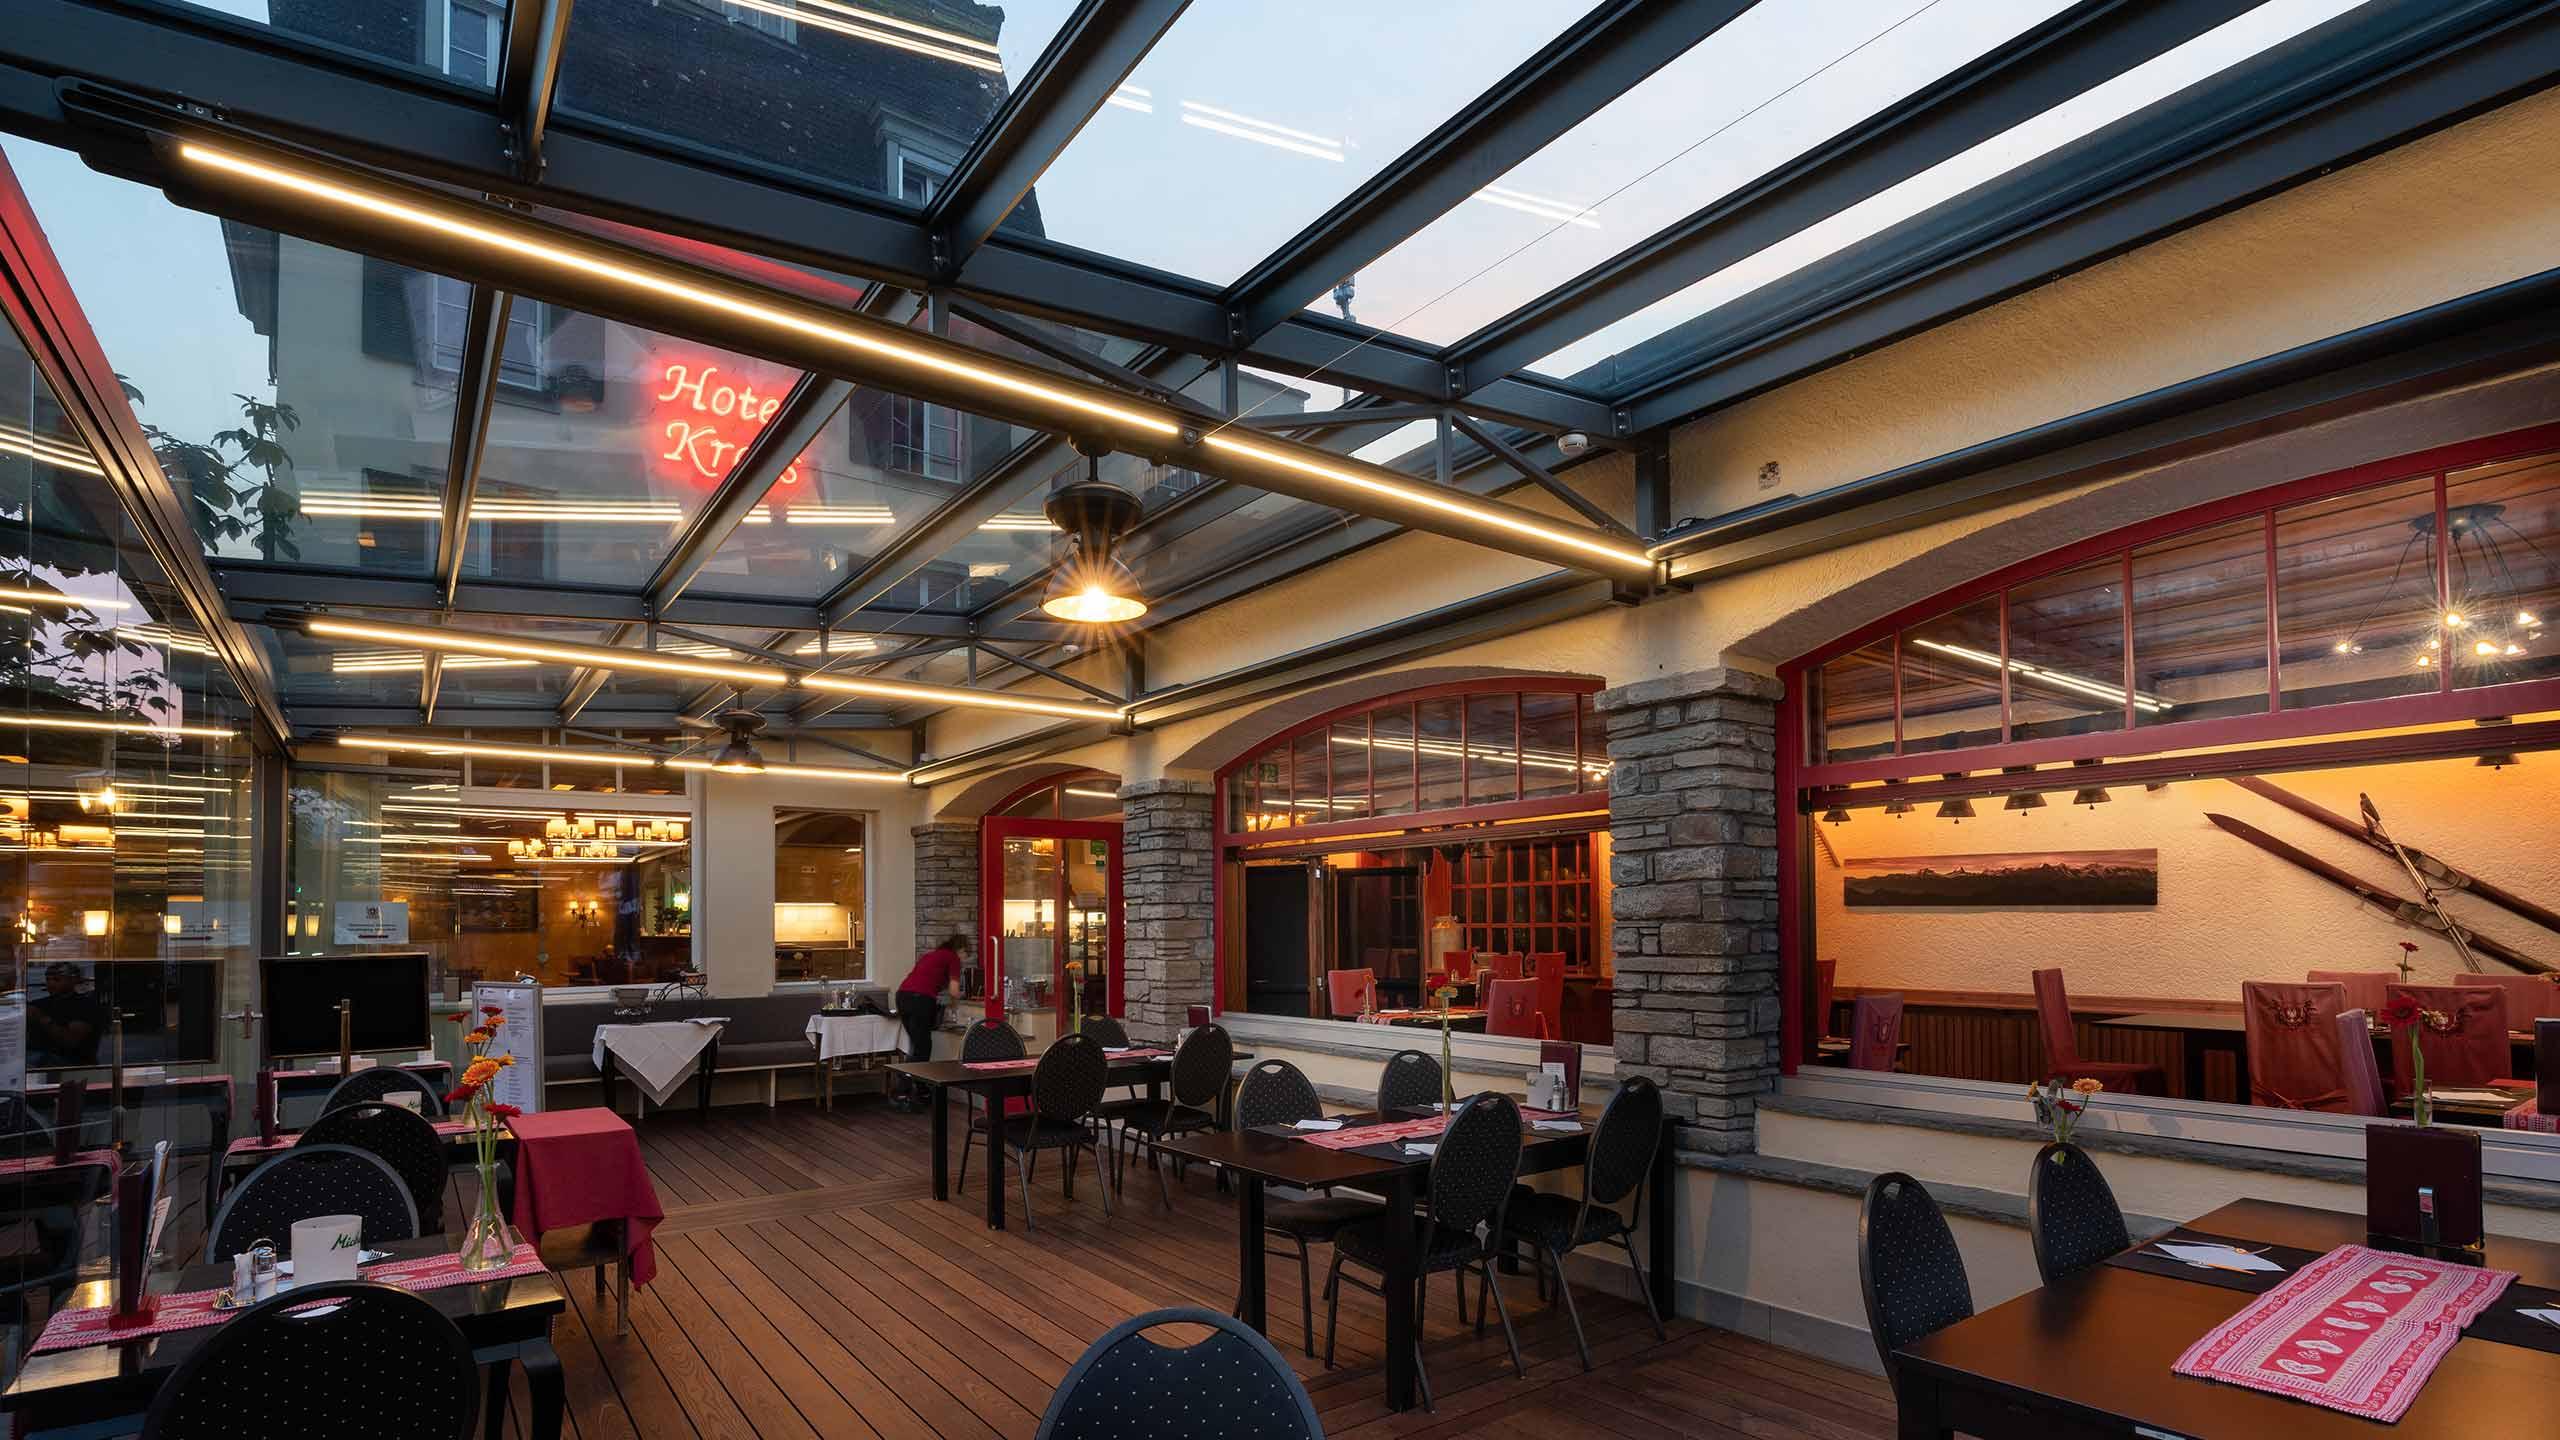 hotel-krebs-gedeckte-terrasse-tische.jpg